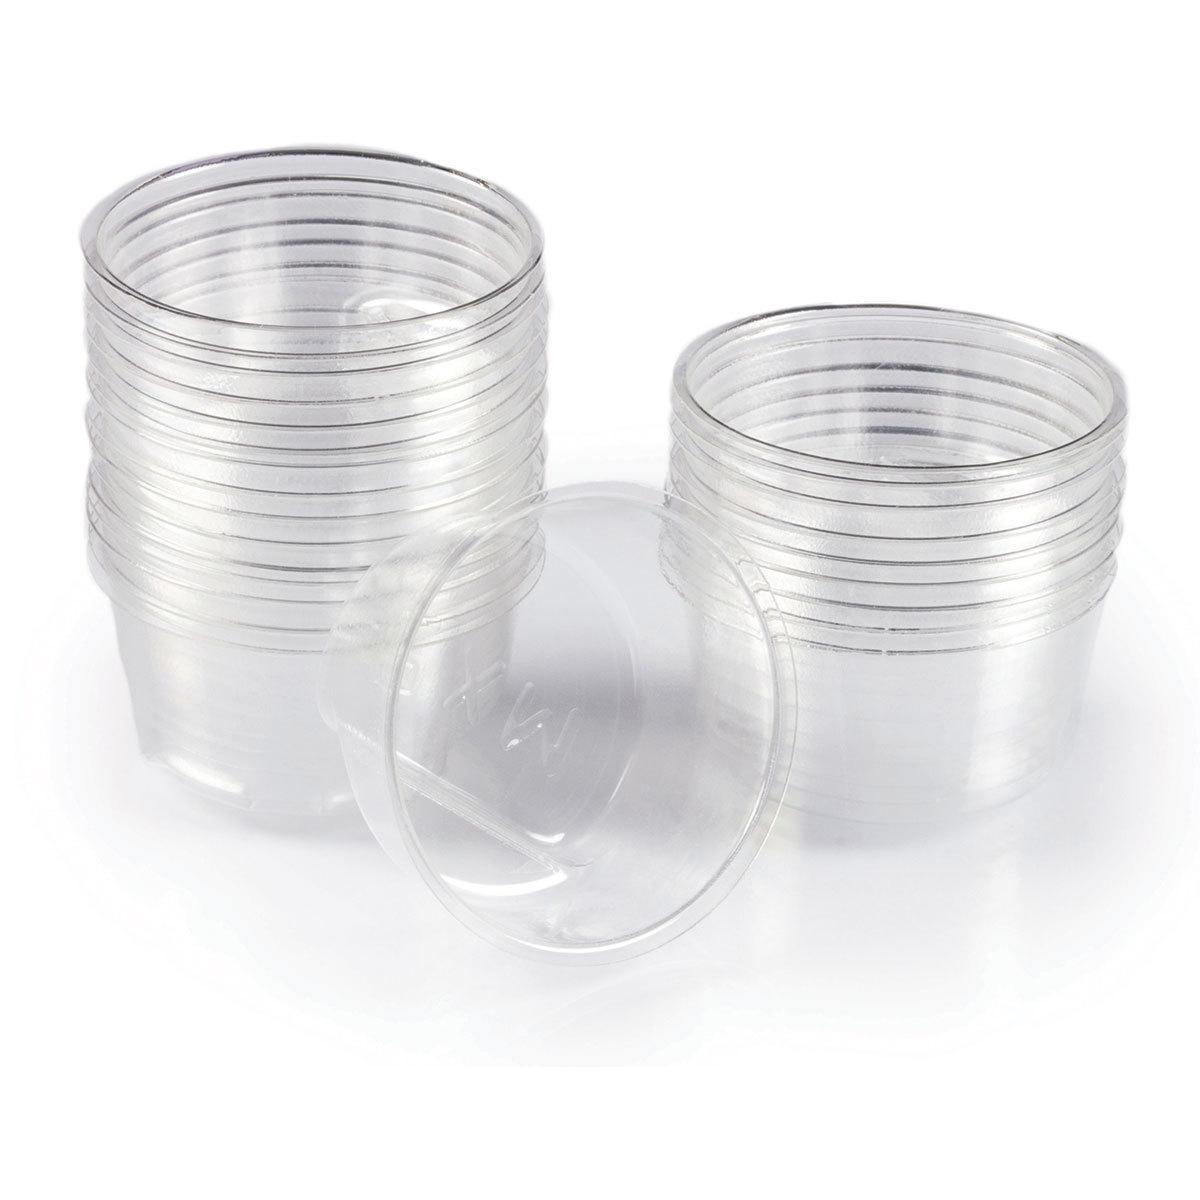 Produits de soin Lot de 100 Capsules Hygiéniques pour Baby Doo Cleaner Lot de 100 Capsules Hygiéniques pour Baby Doo Cleaner